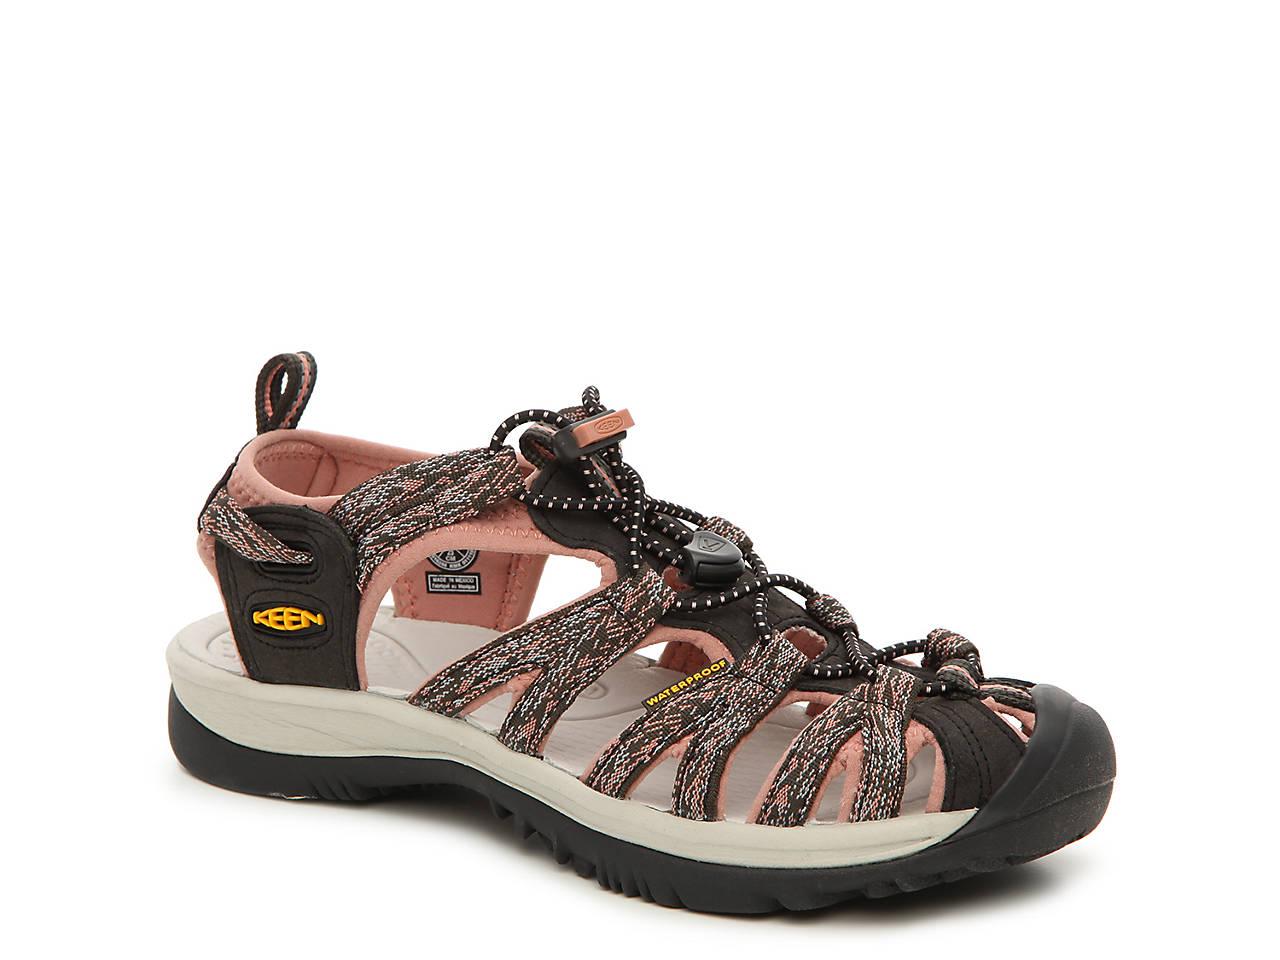 4c5ffed912b6 Keen Whisper Sport Sandal Women s Shoes